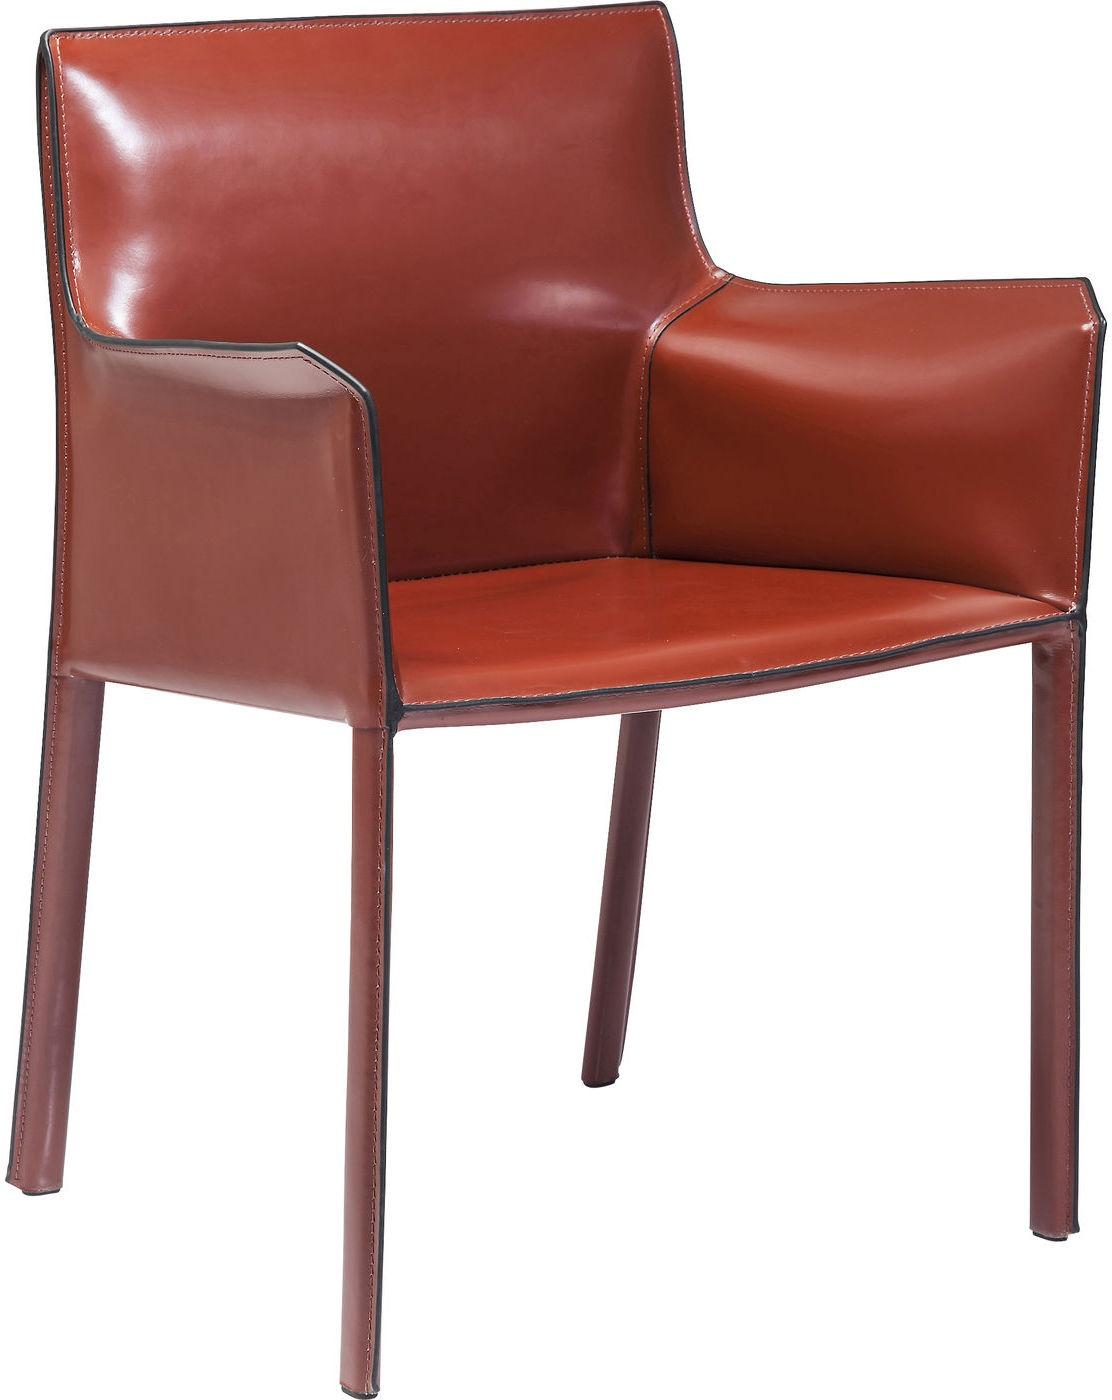 Design stoel leer kopen online internetwinkel for Design stoel 24